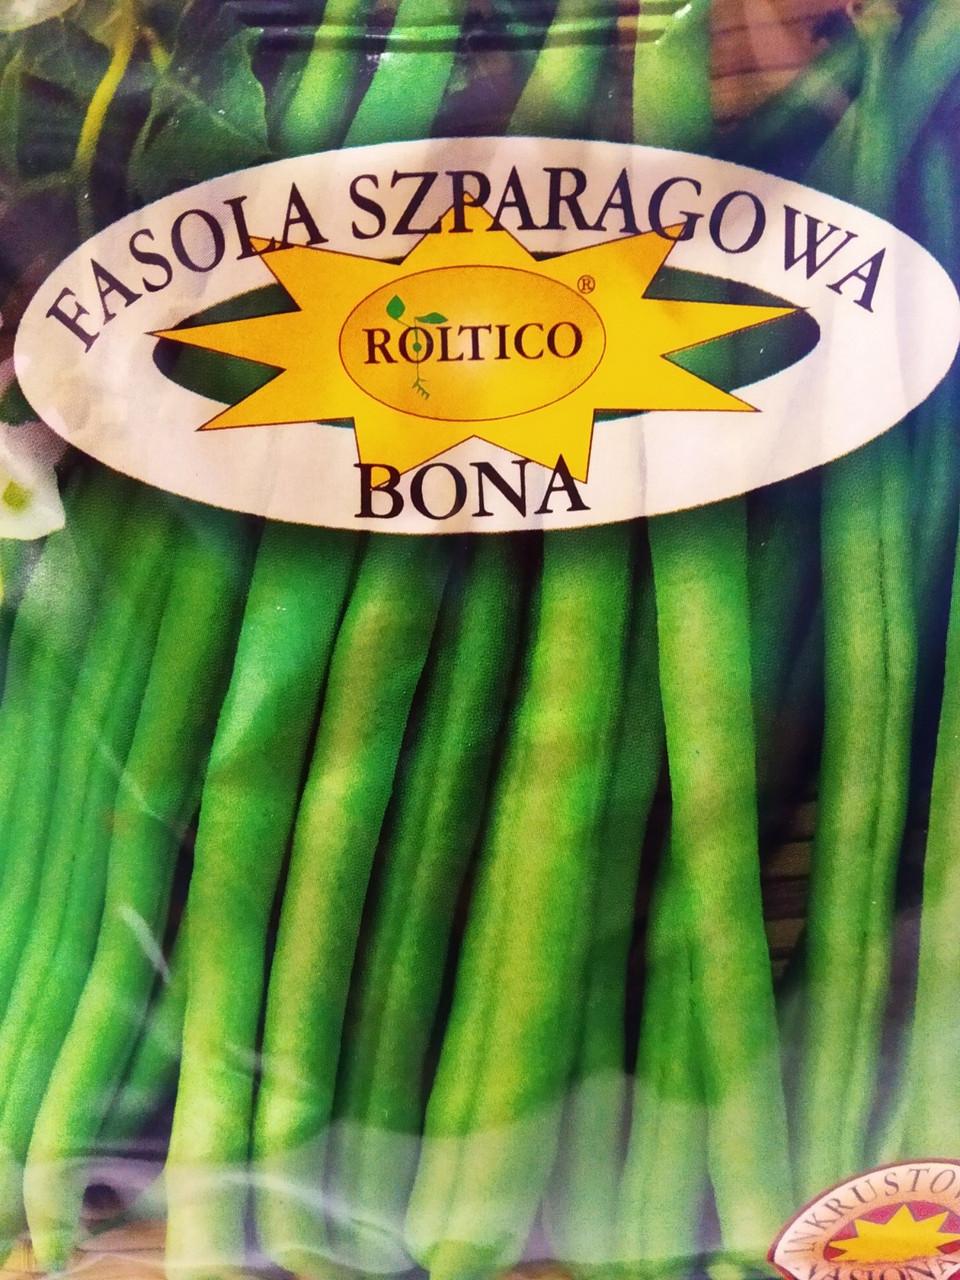 Семена зеленой спаржевой фасоли Бона сорт среднеранний для универсального применения 40 грамм  Roltico Польша